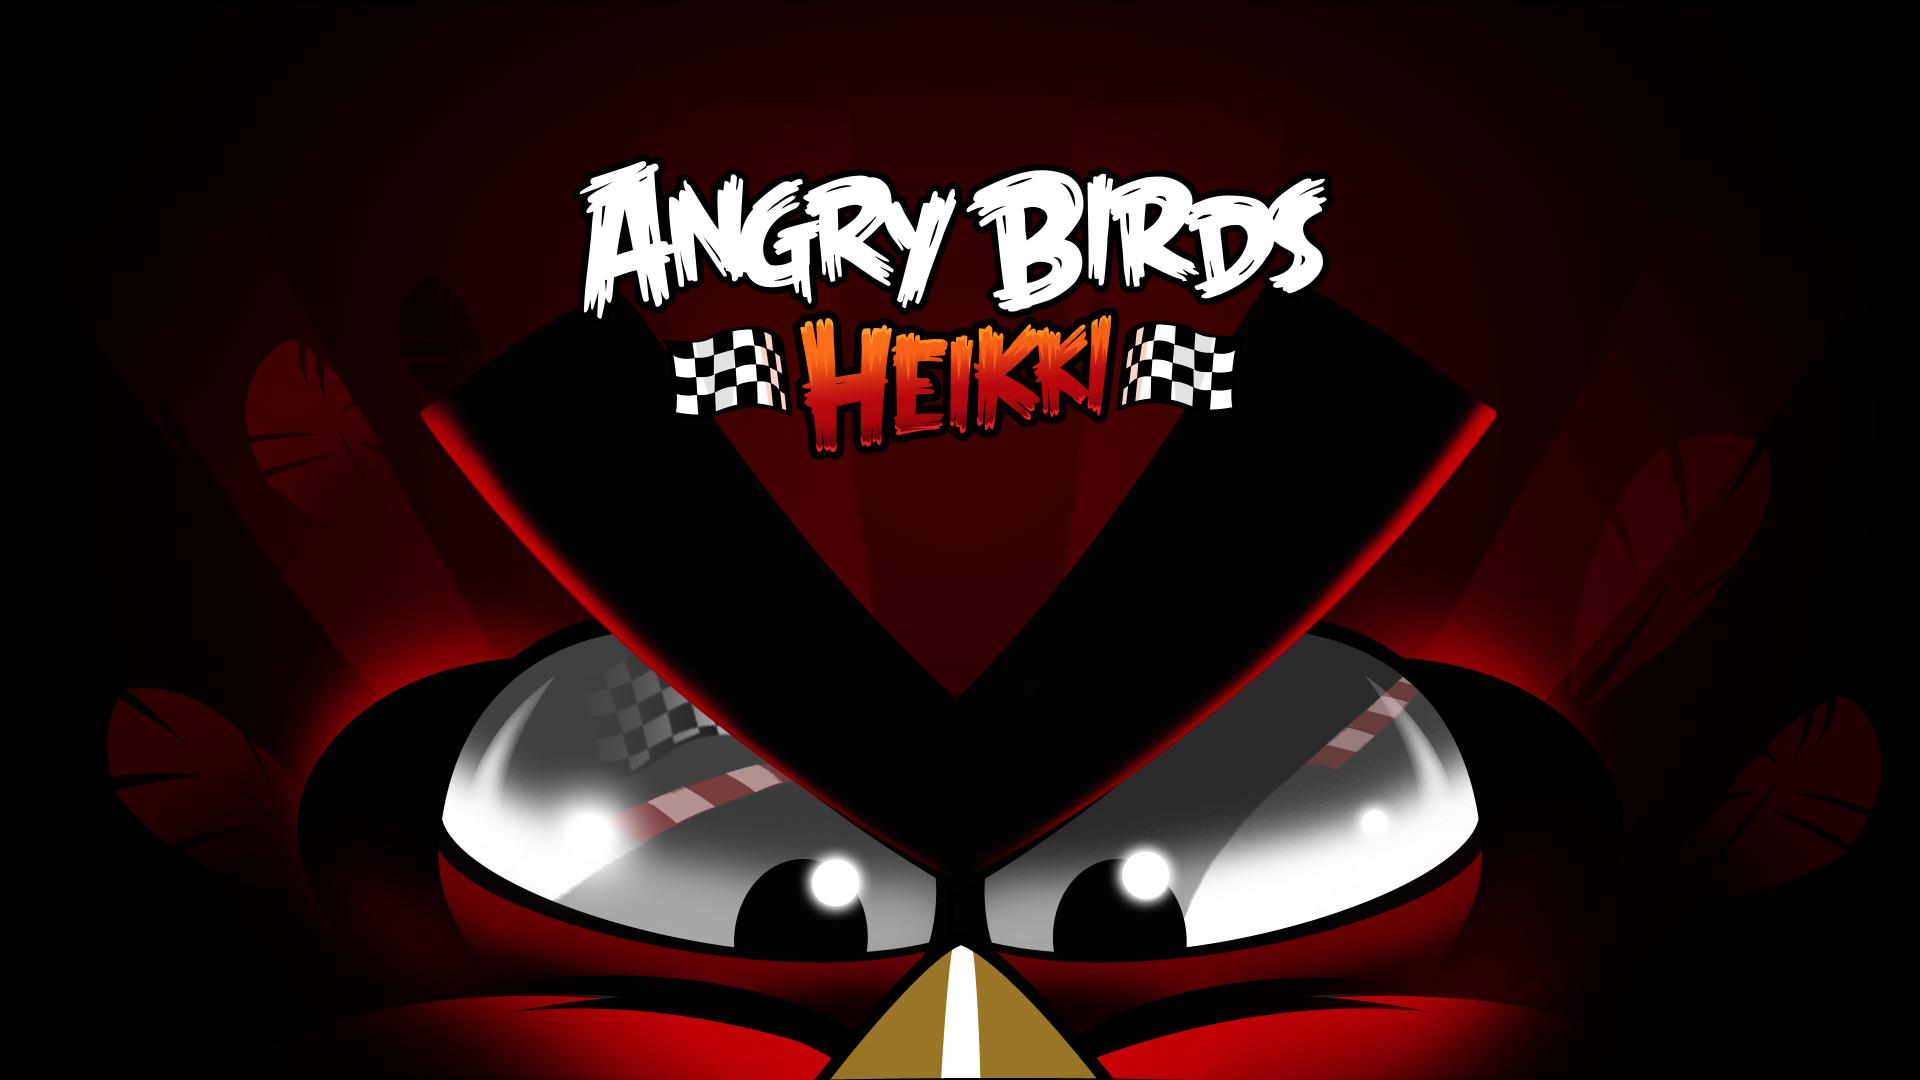 Angry Birds Heikki - Angry Birds Wallpaper (31914411) - Fanpop